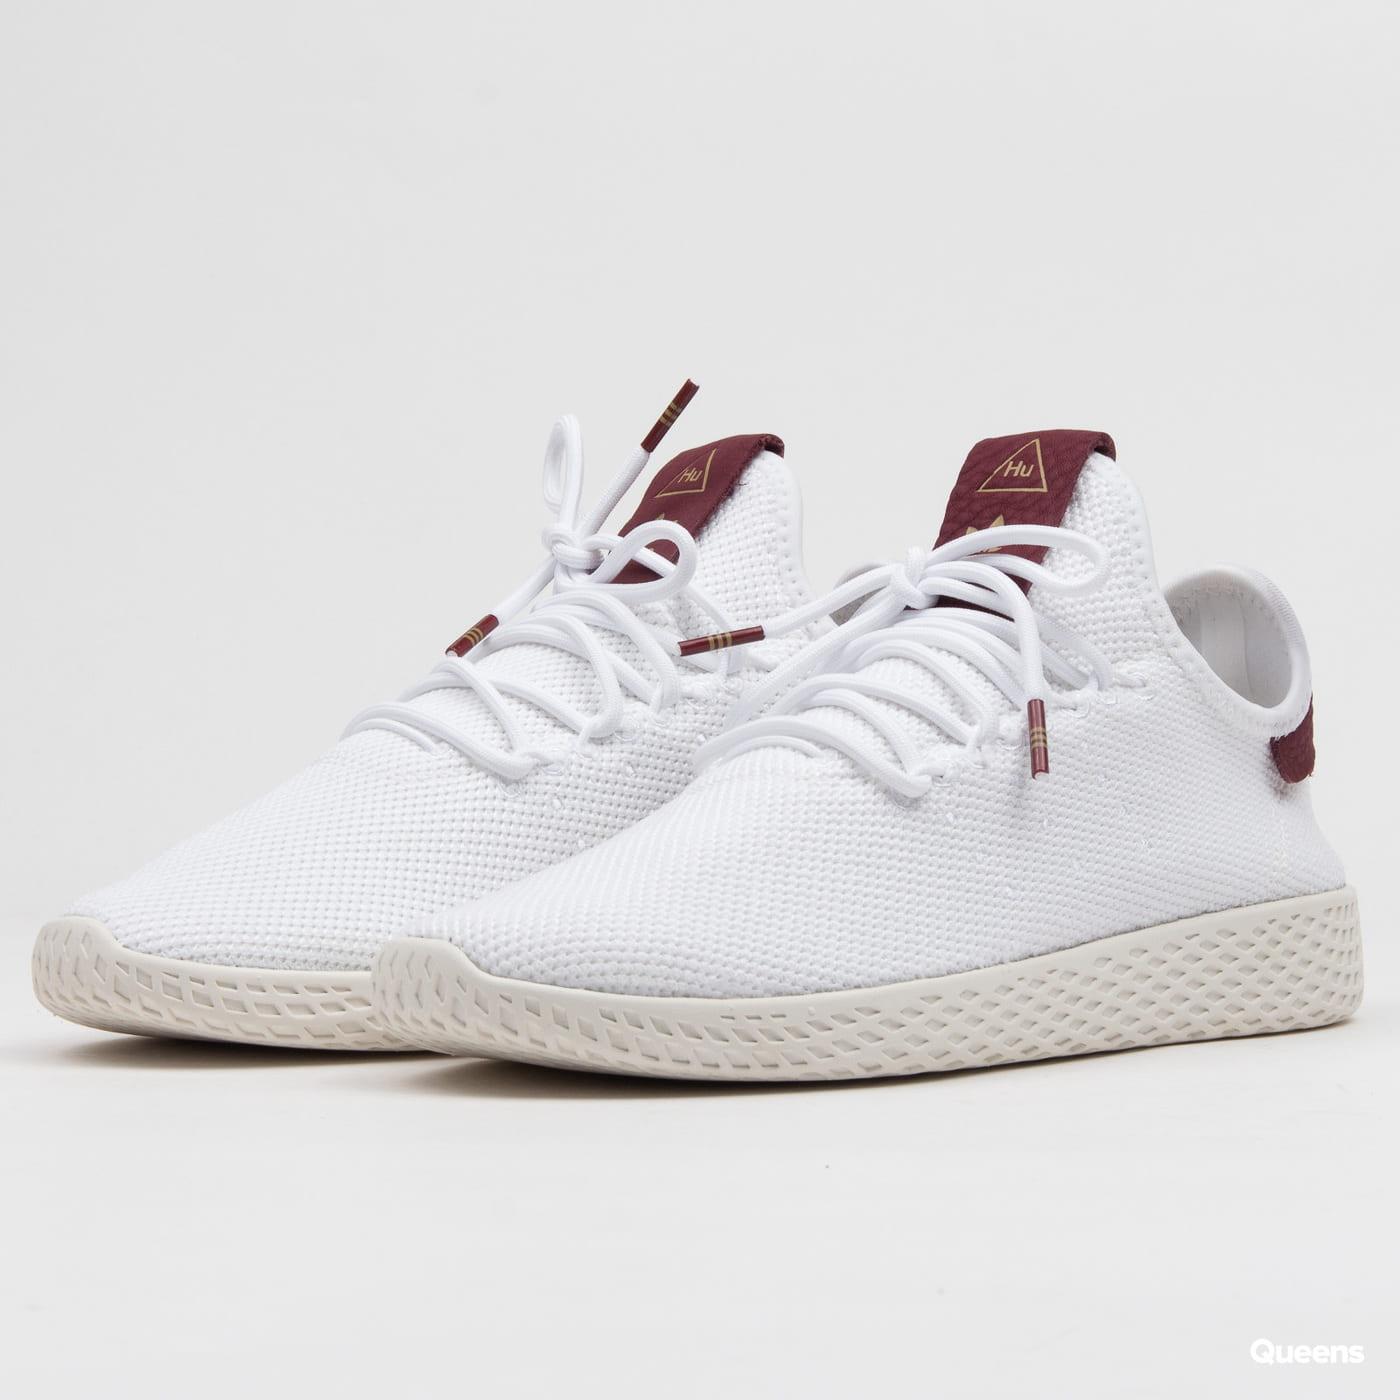 a7715f29fe adidas Originals Pharrell Williams Tennis HU W ftwwht / ftwwht / cburgu